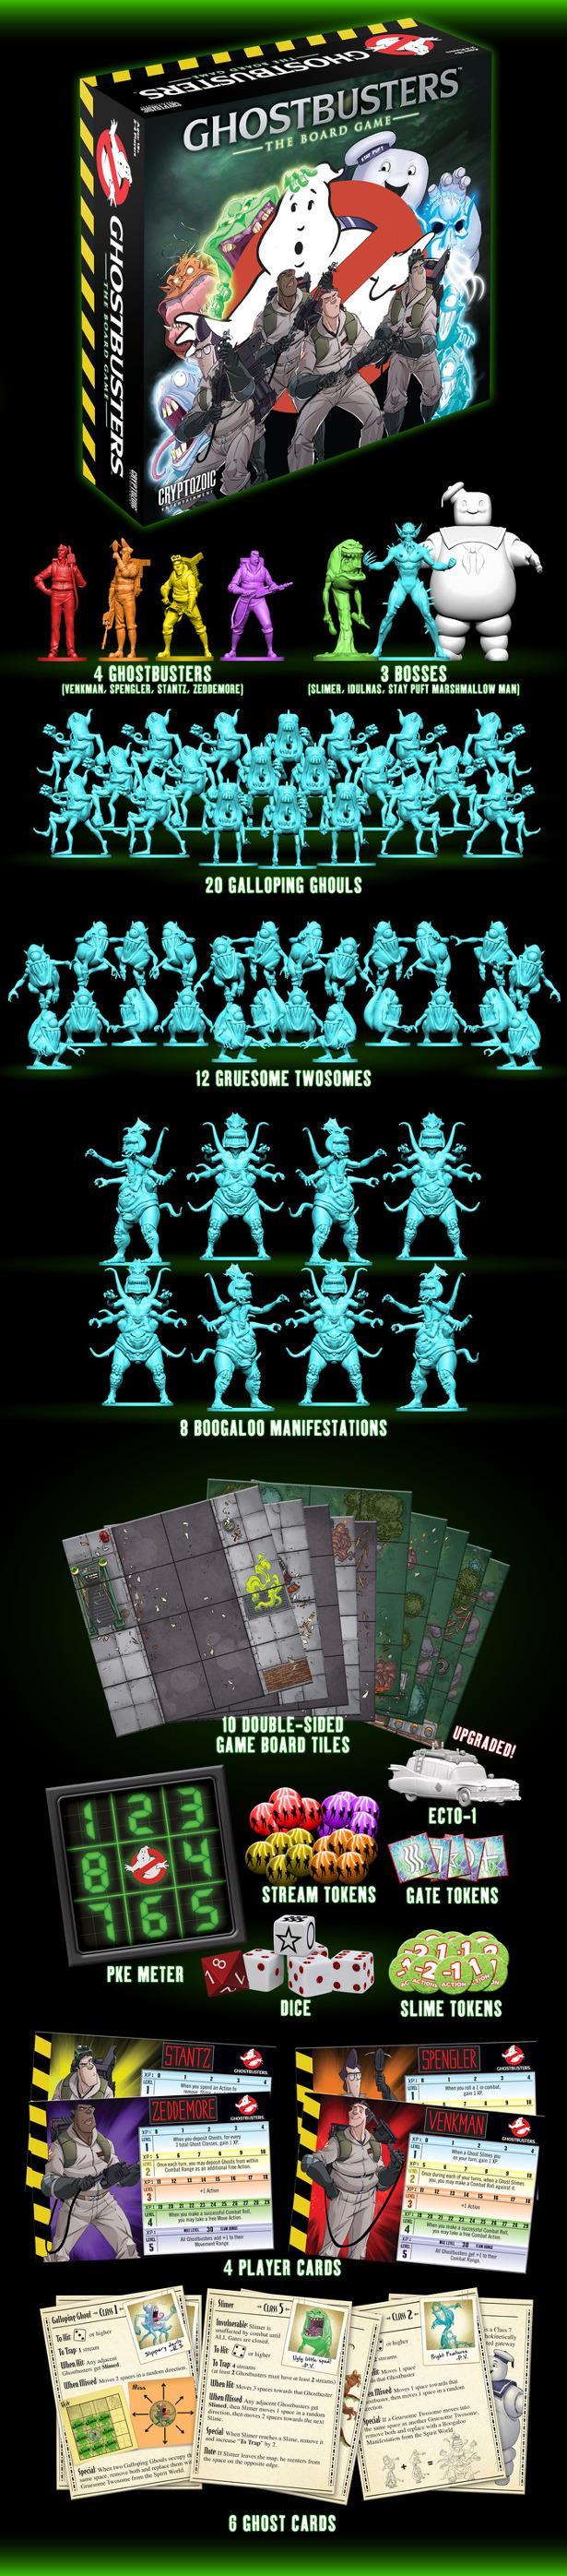 Contenuto del gioco da tavolo sui Ghostbusters